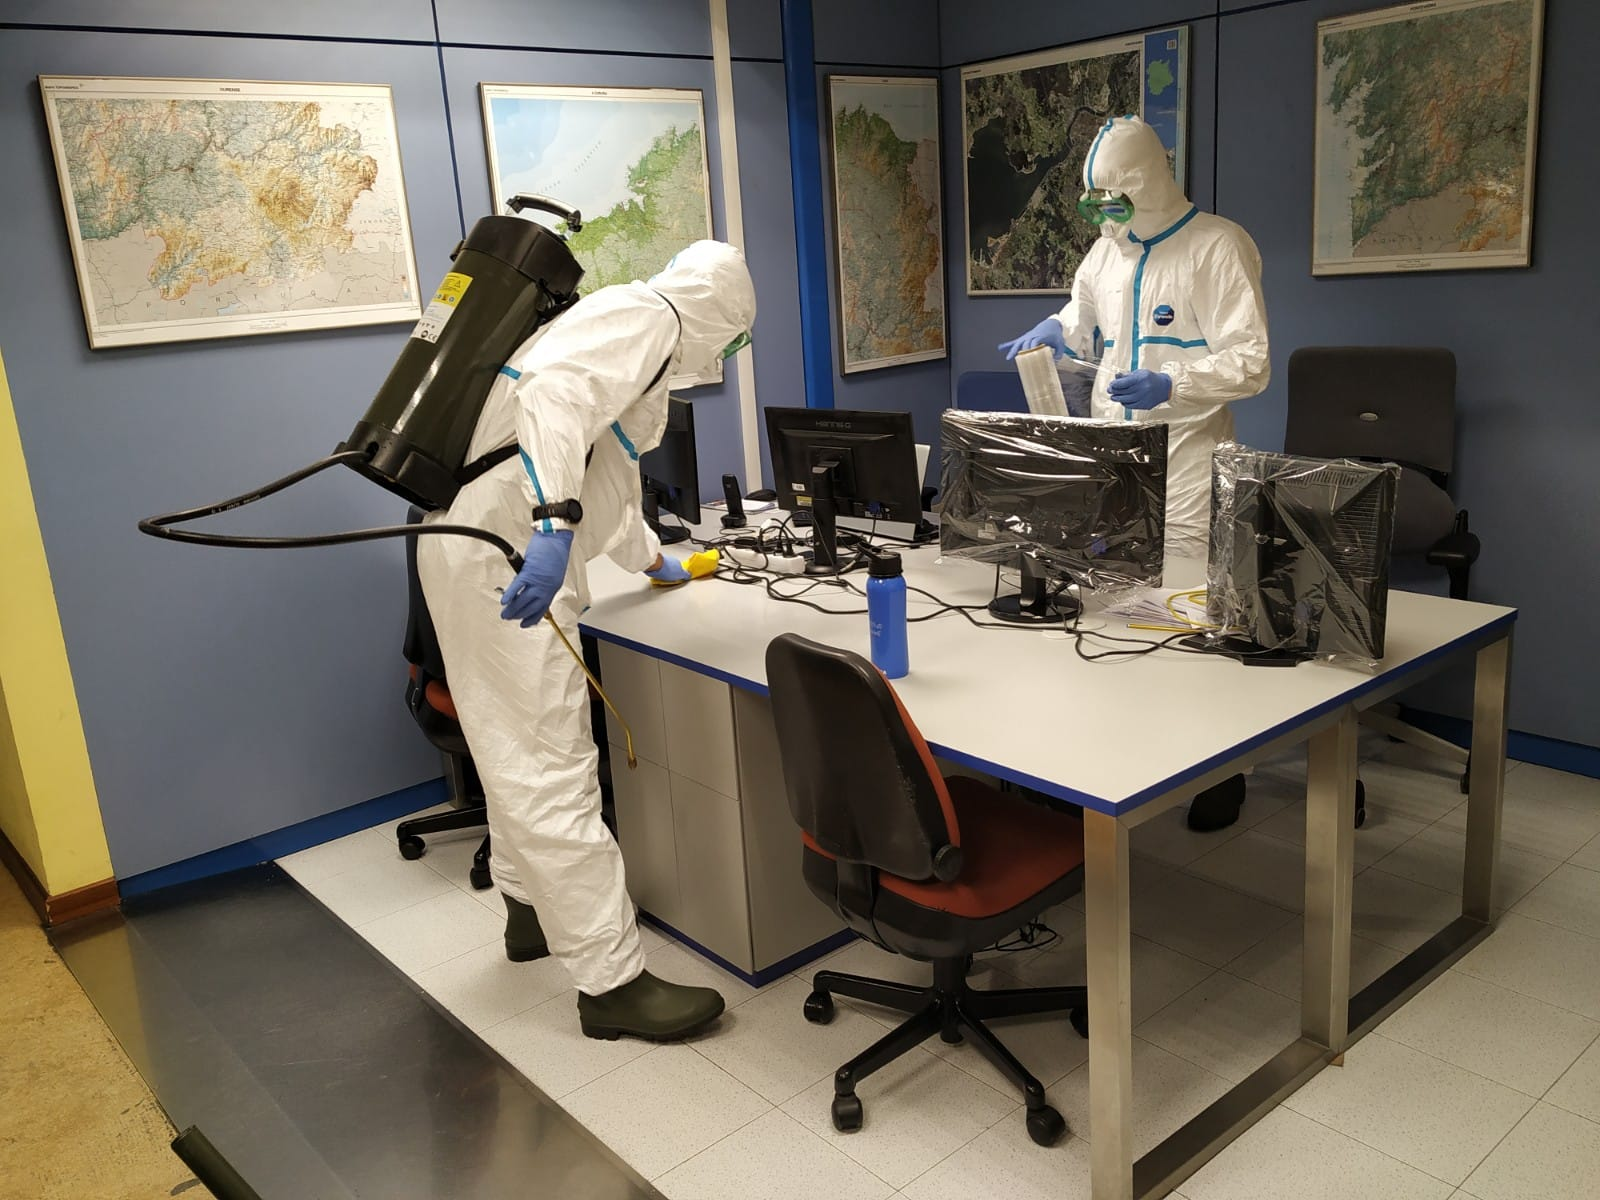 CSIF reclama la desinfección del centro de salud de Oropesa tras un contagio múltiple entre los sanitarios